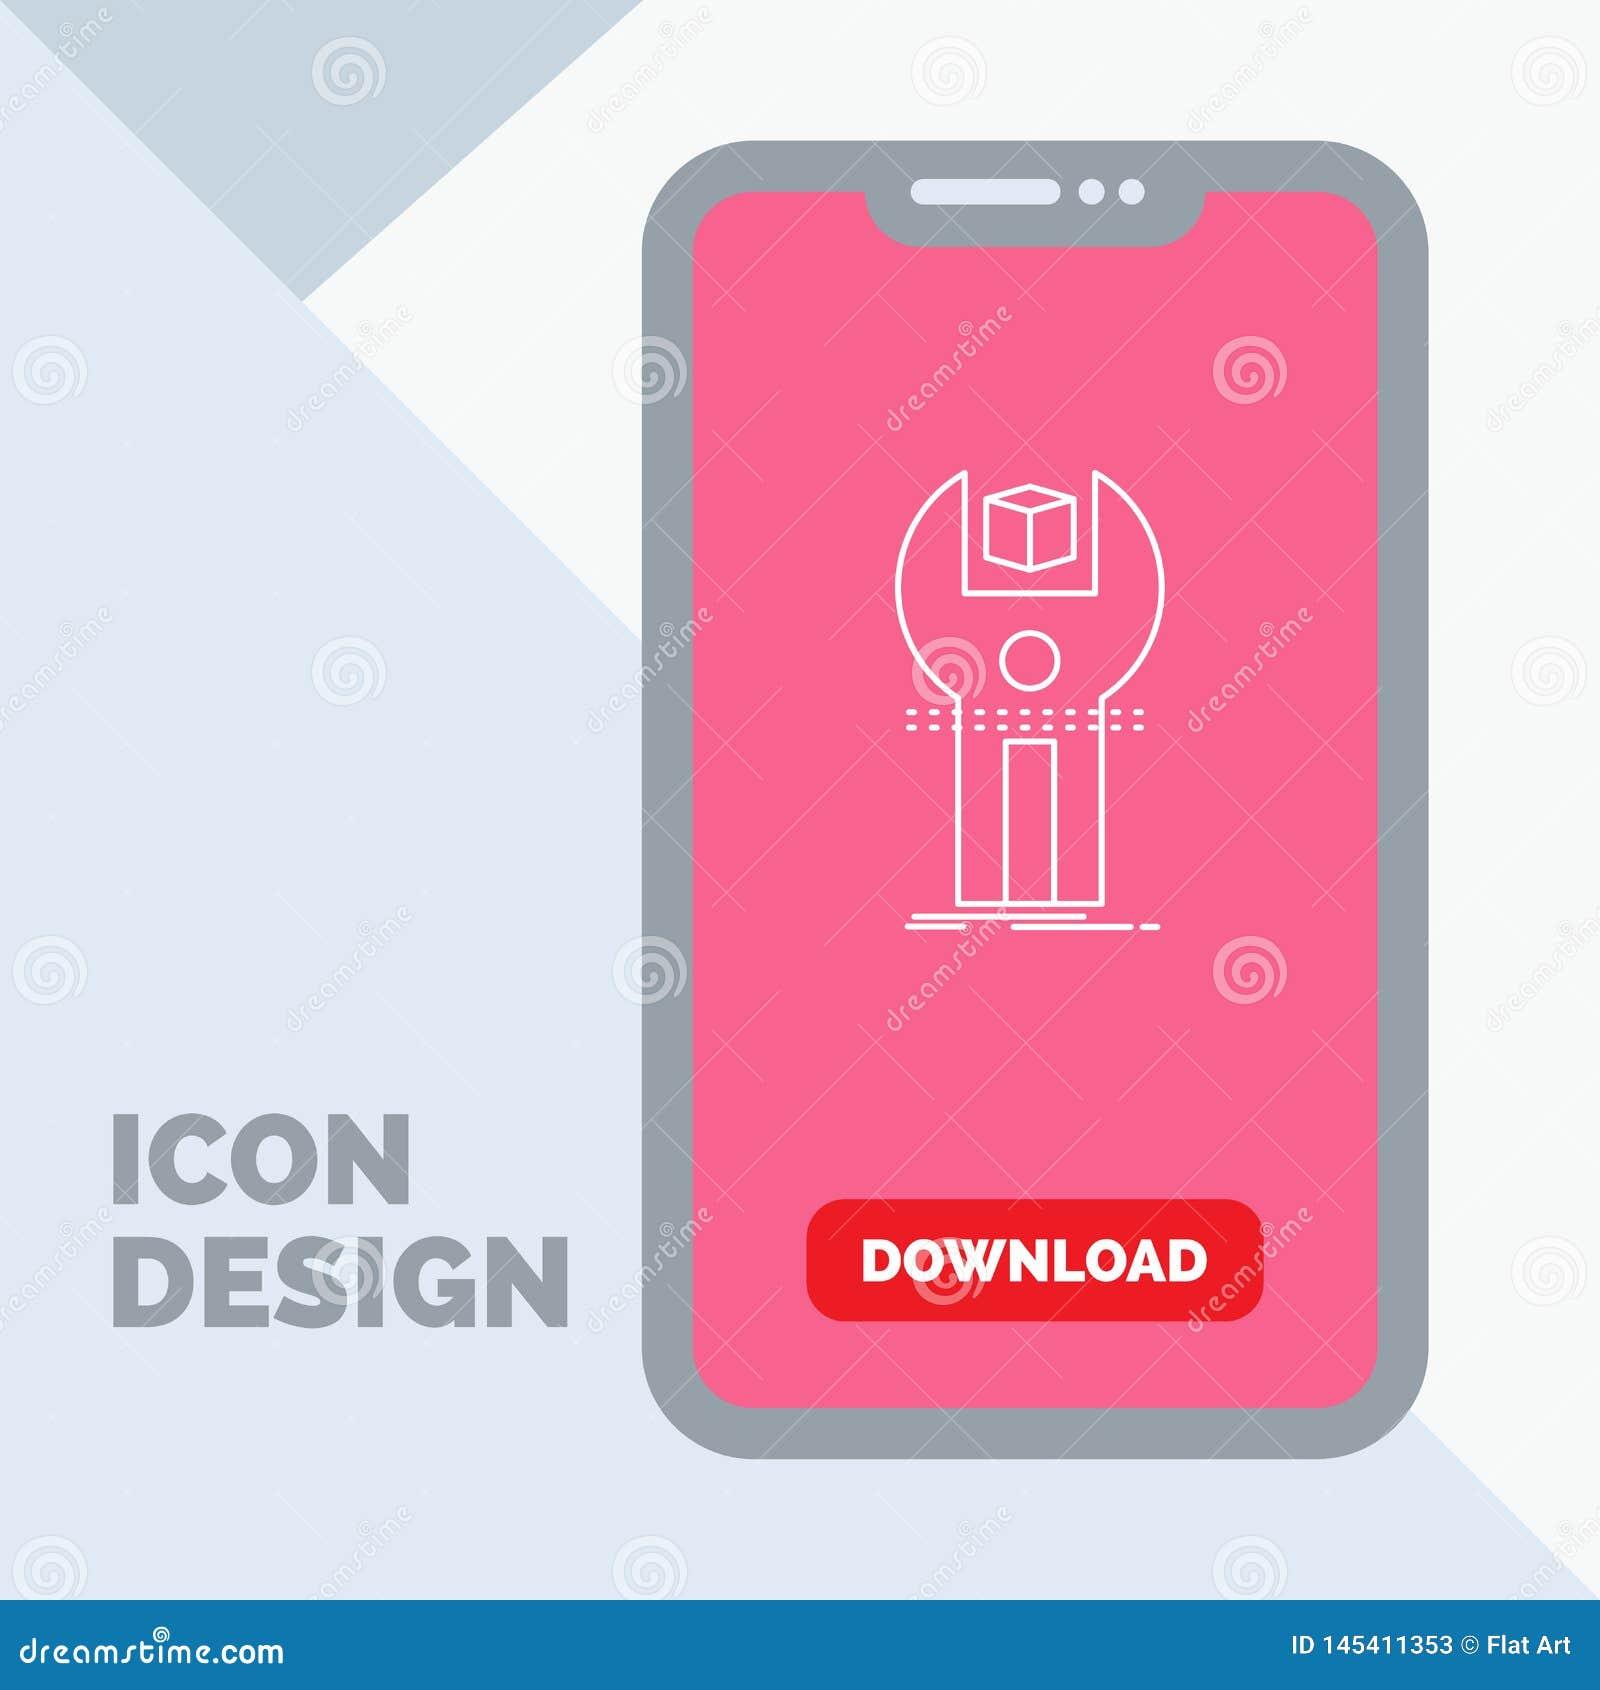 SDK, App, sviluppo, corredo, linea di programmazione icona in cellulare per la pagina di download